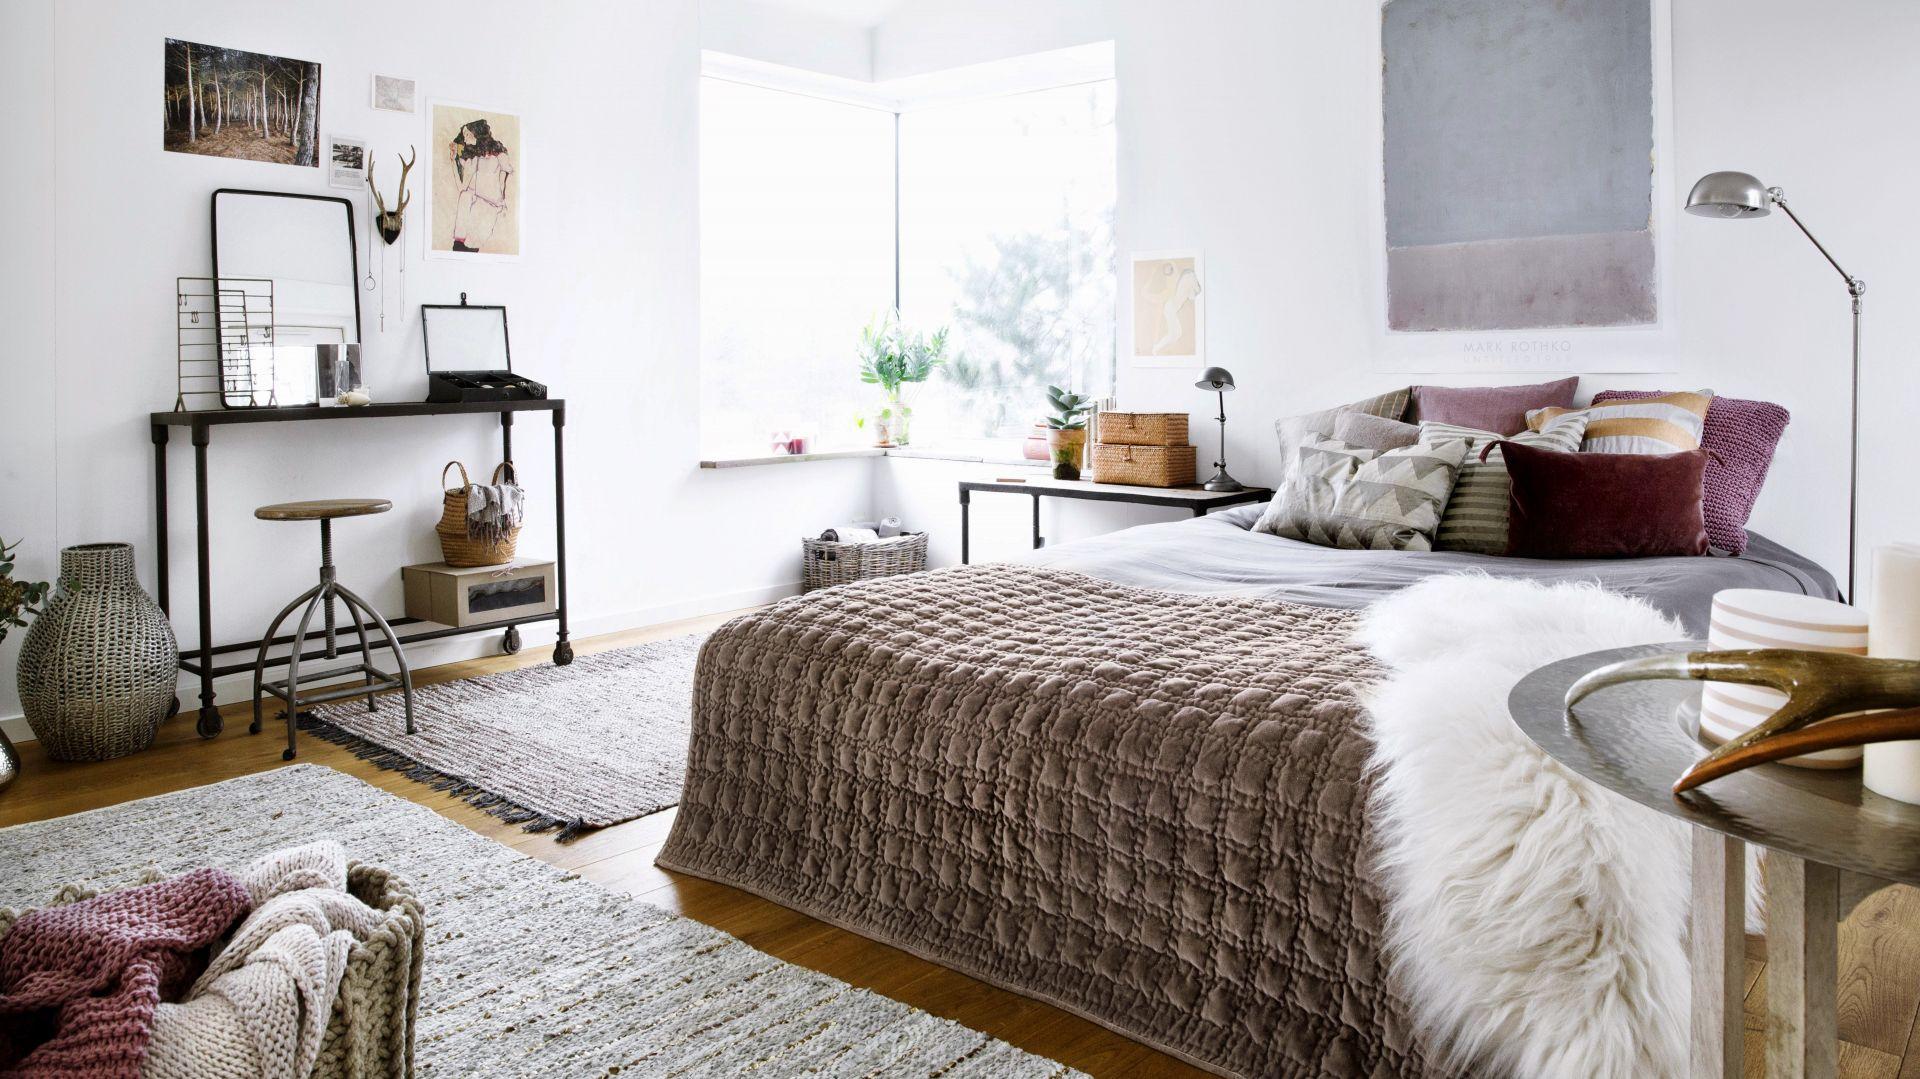 Jeśli chcesz, aby sypialnia była przytulna, a przy tym niebanalna, postaw na mocne faktury. Narzuta z wypukłymi wzorami czy futrzaste poduszki sprawią, że wnętrze nabierze charakteru. Fot. Broste Copenhagen